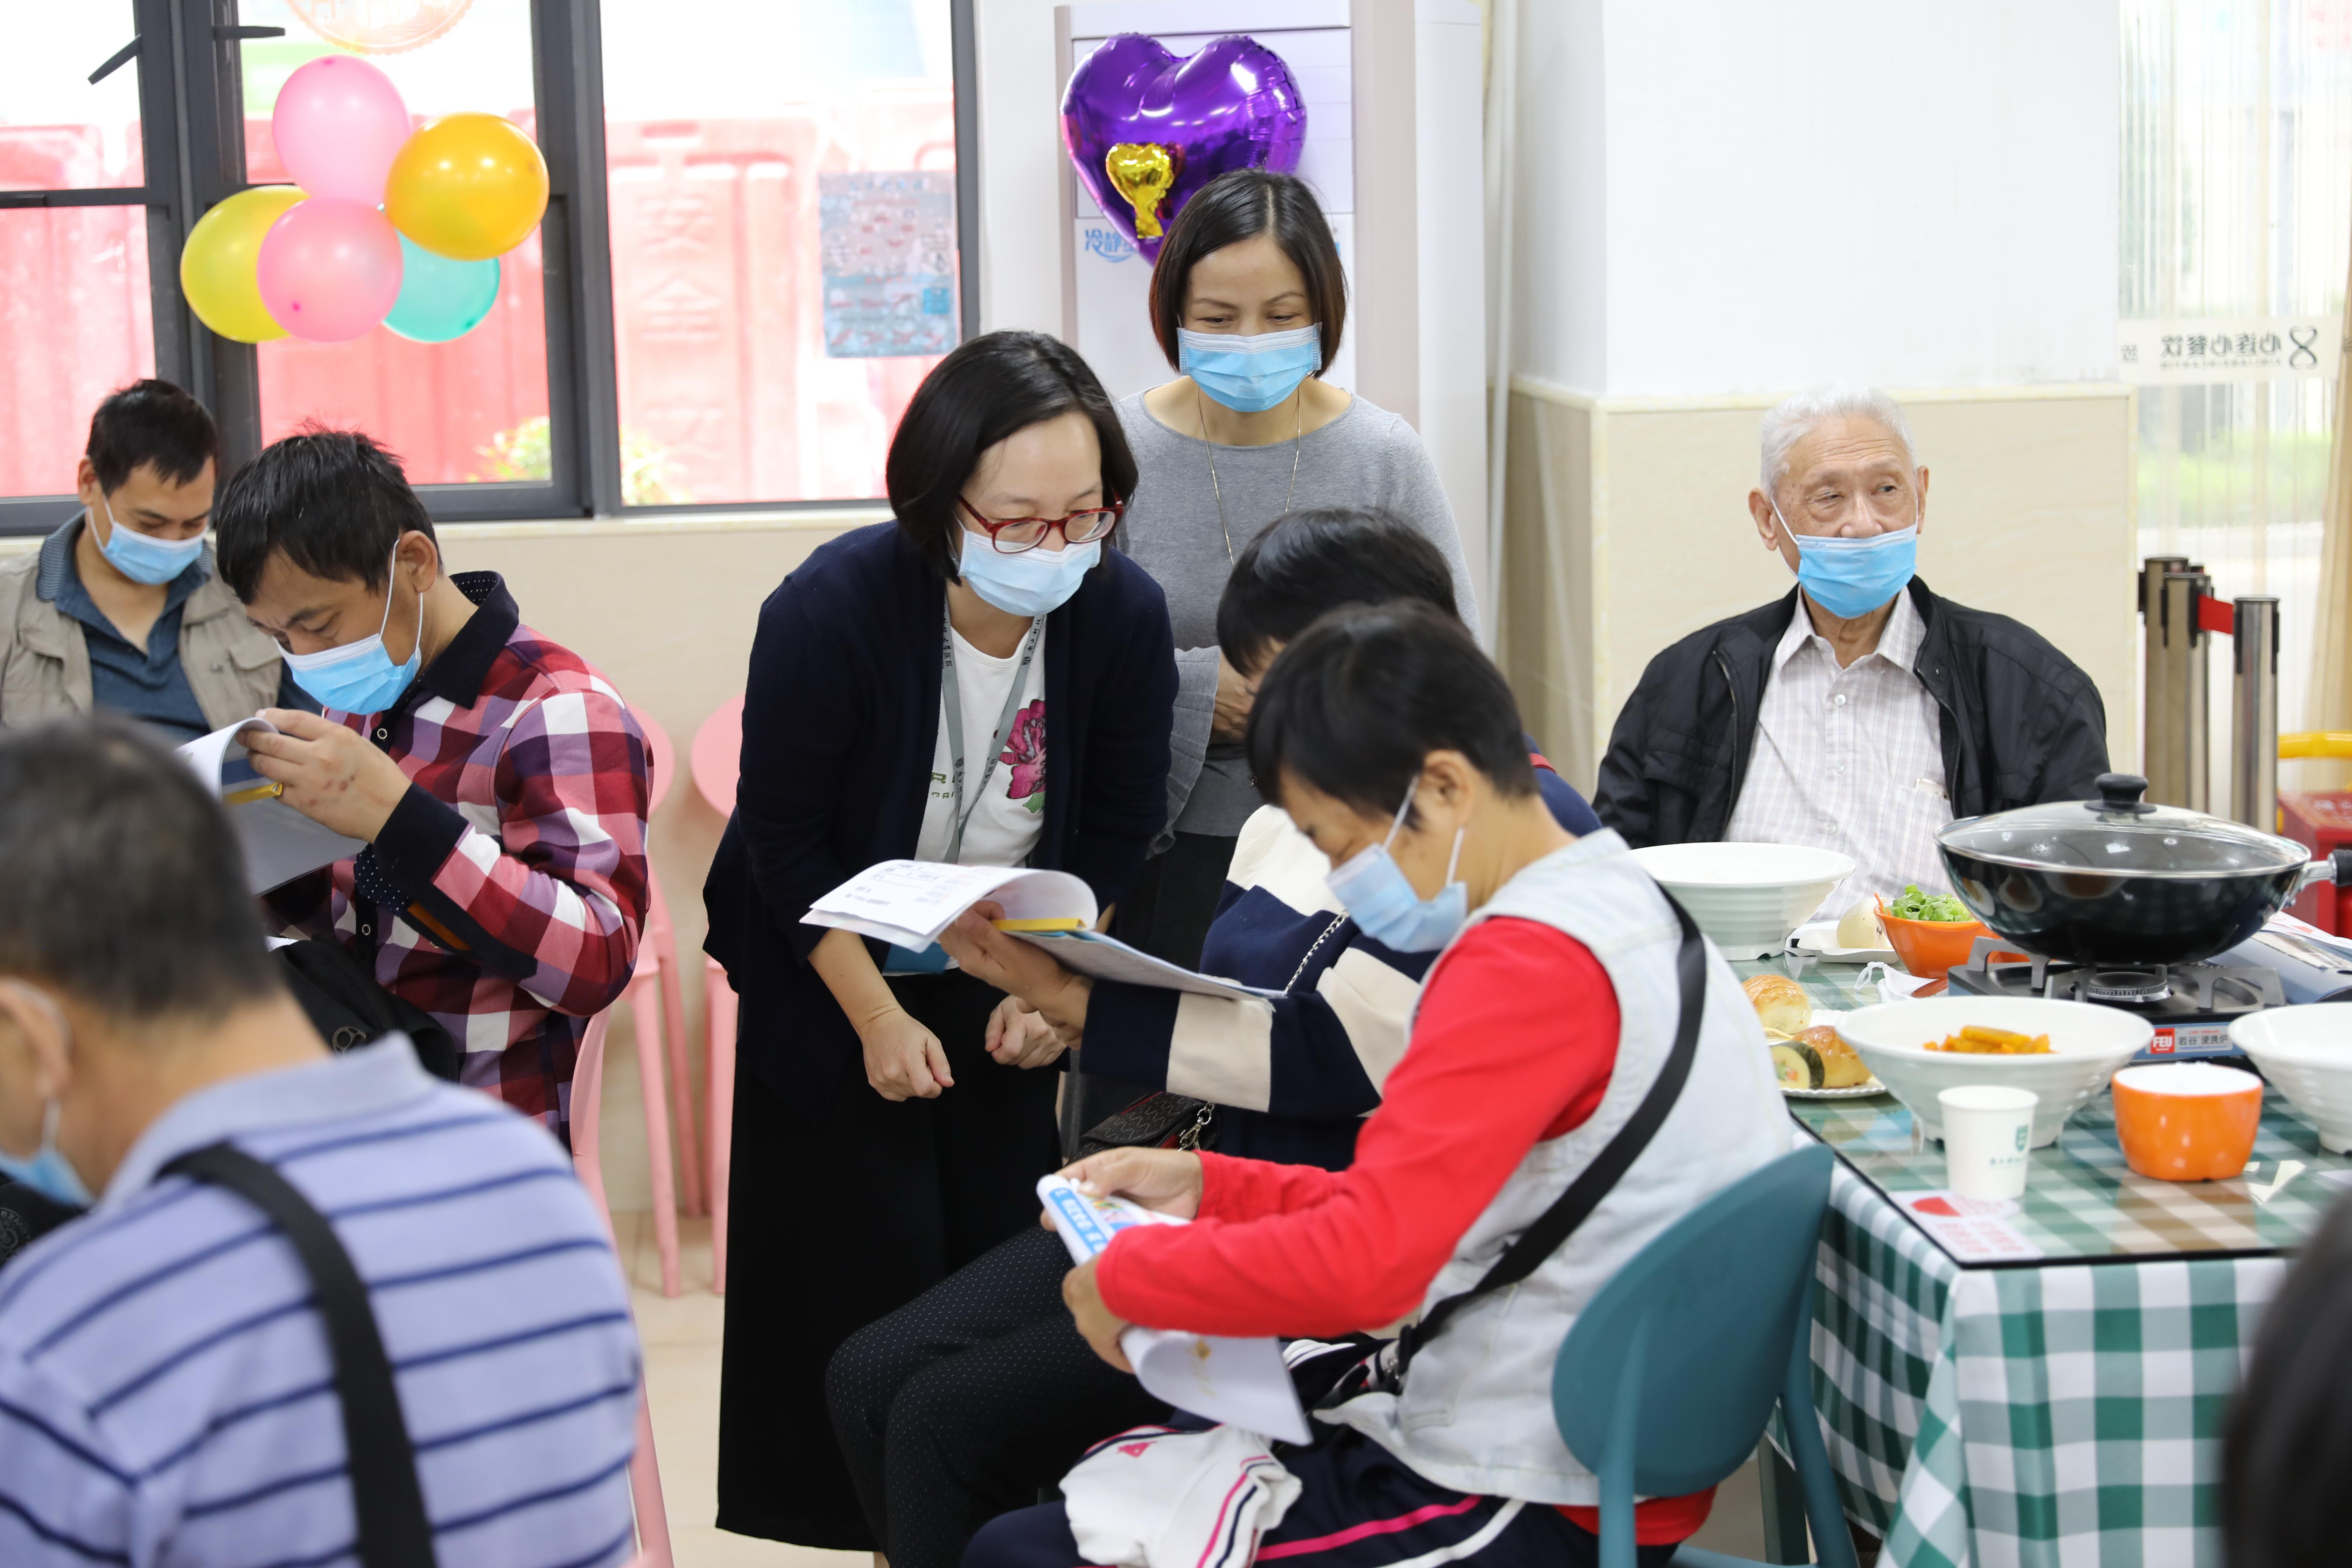 肾病学科大咖共话肾病防治,营养专家手把手教肾友吃出好「肾」活